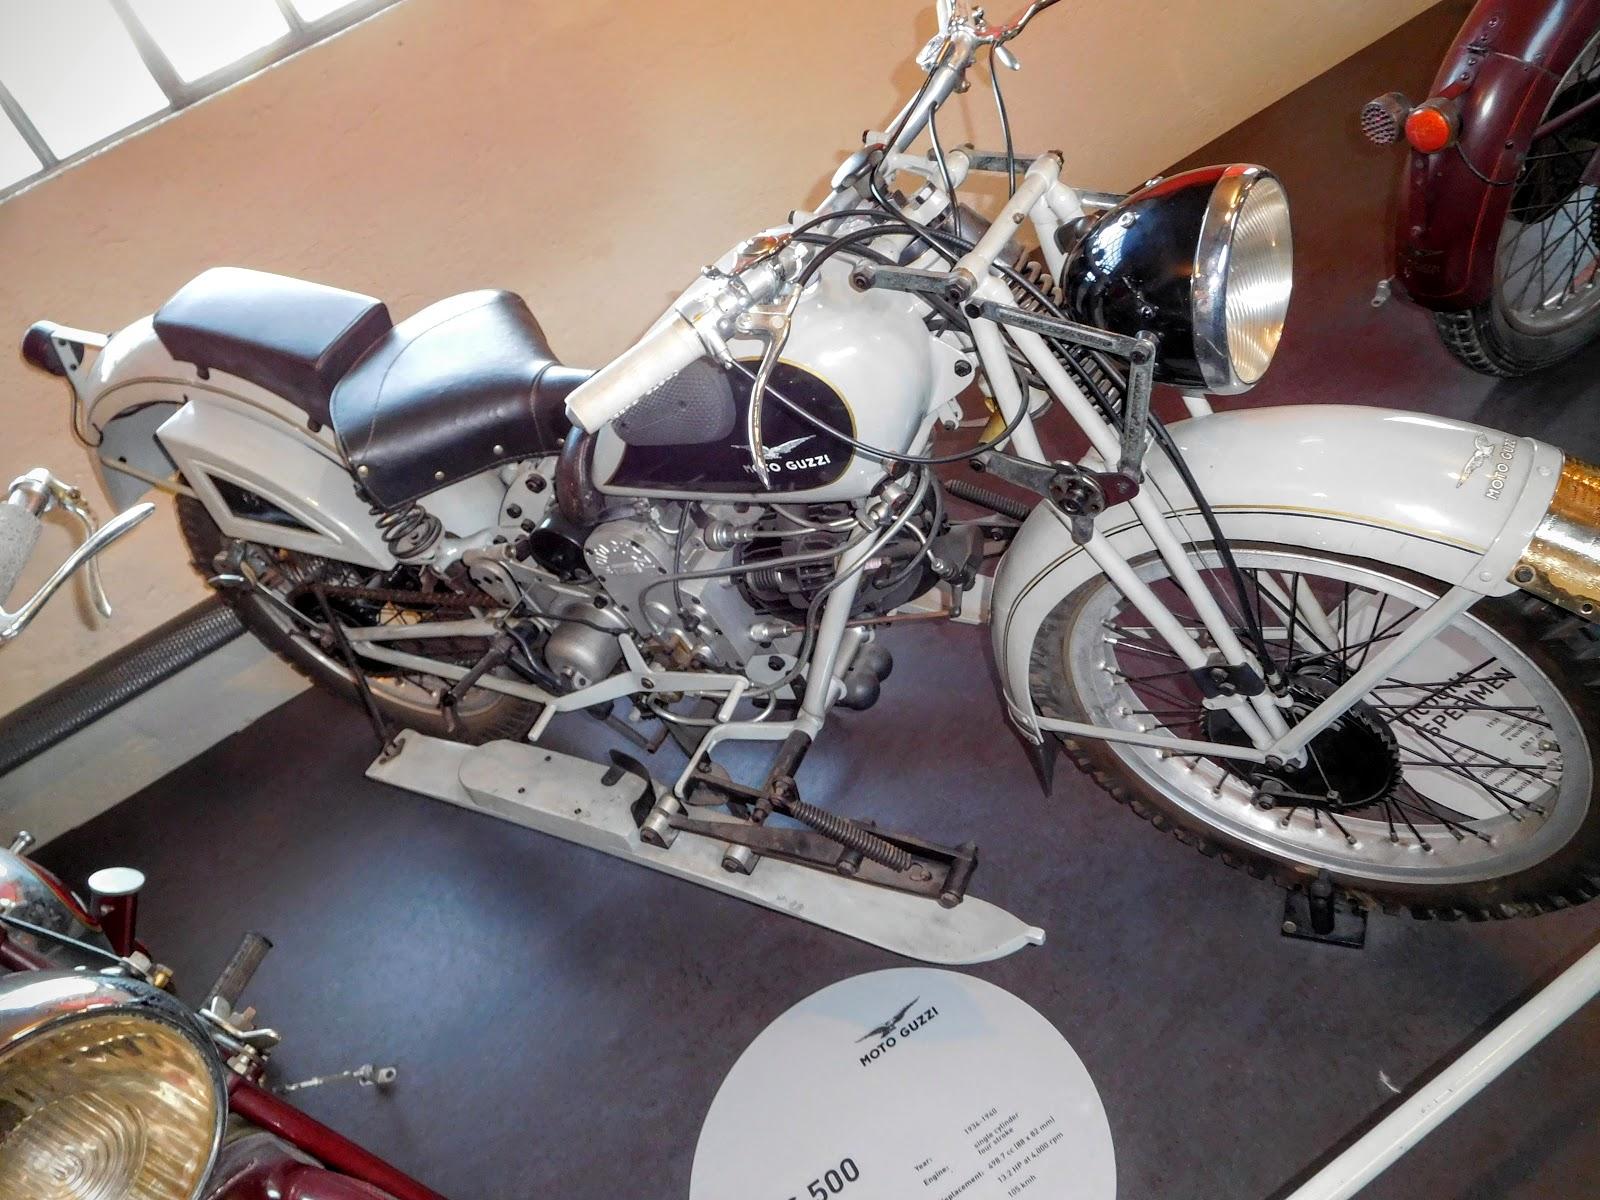 NYDucati: 1939 Moto Guzzi Cicogna 2